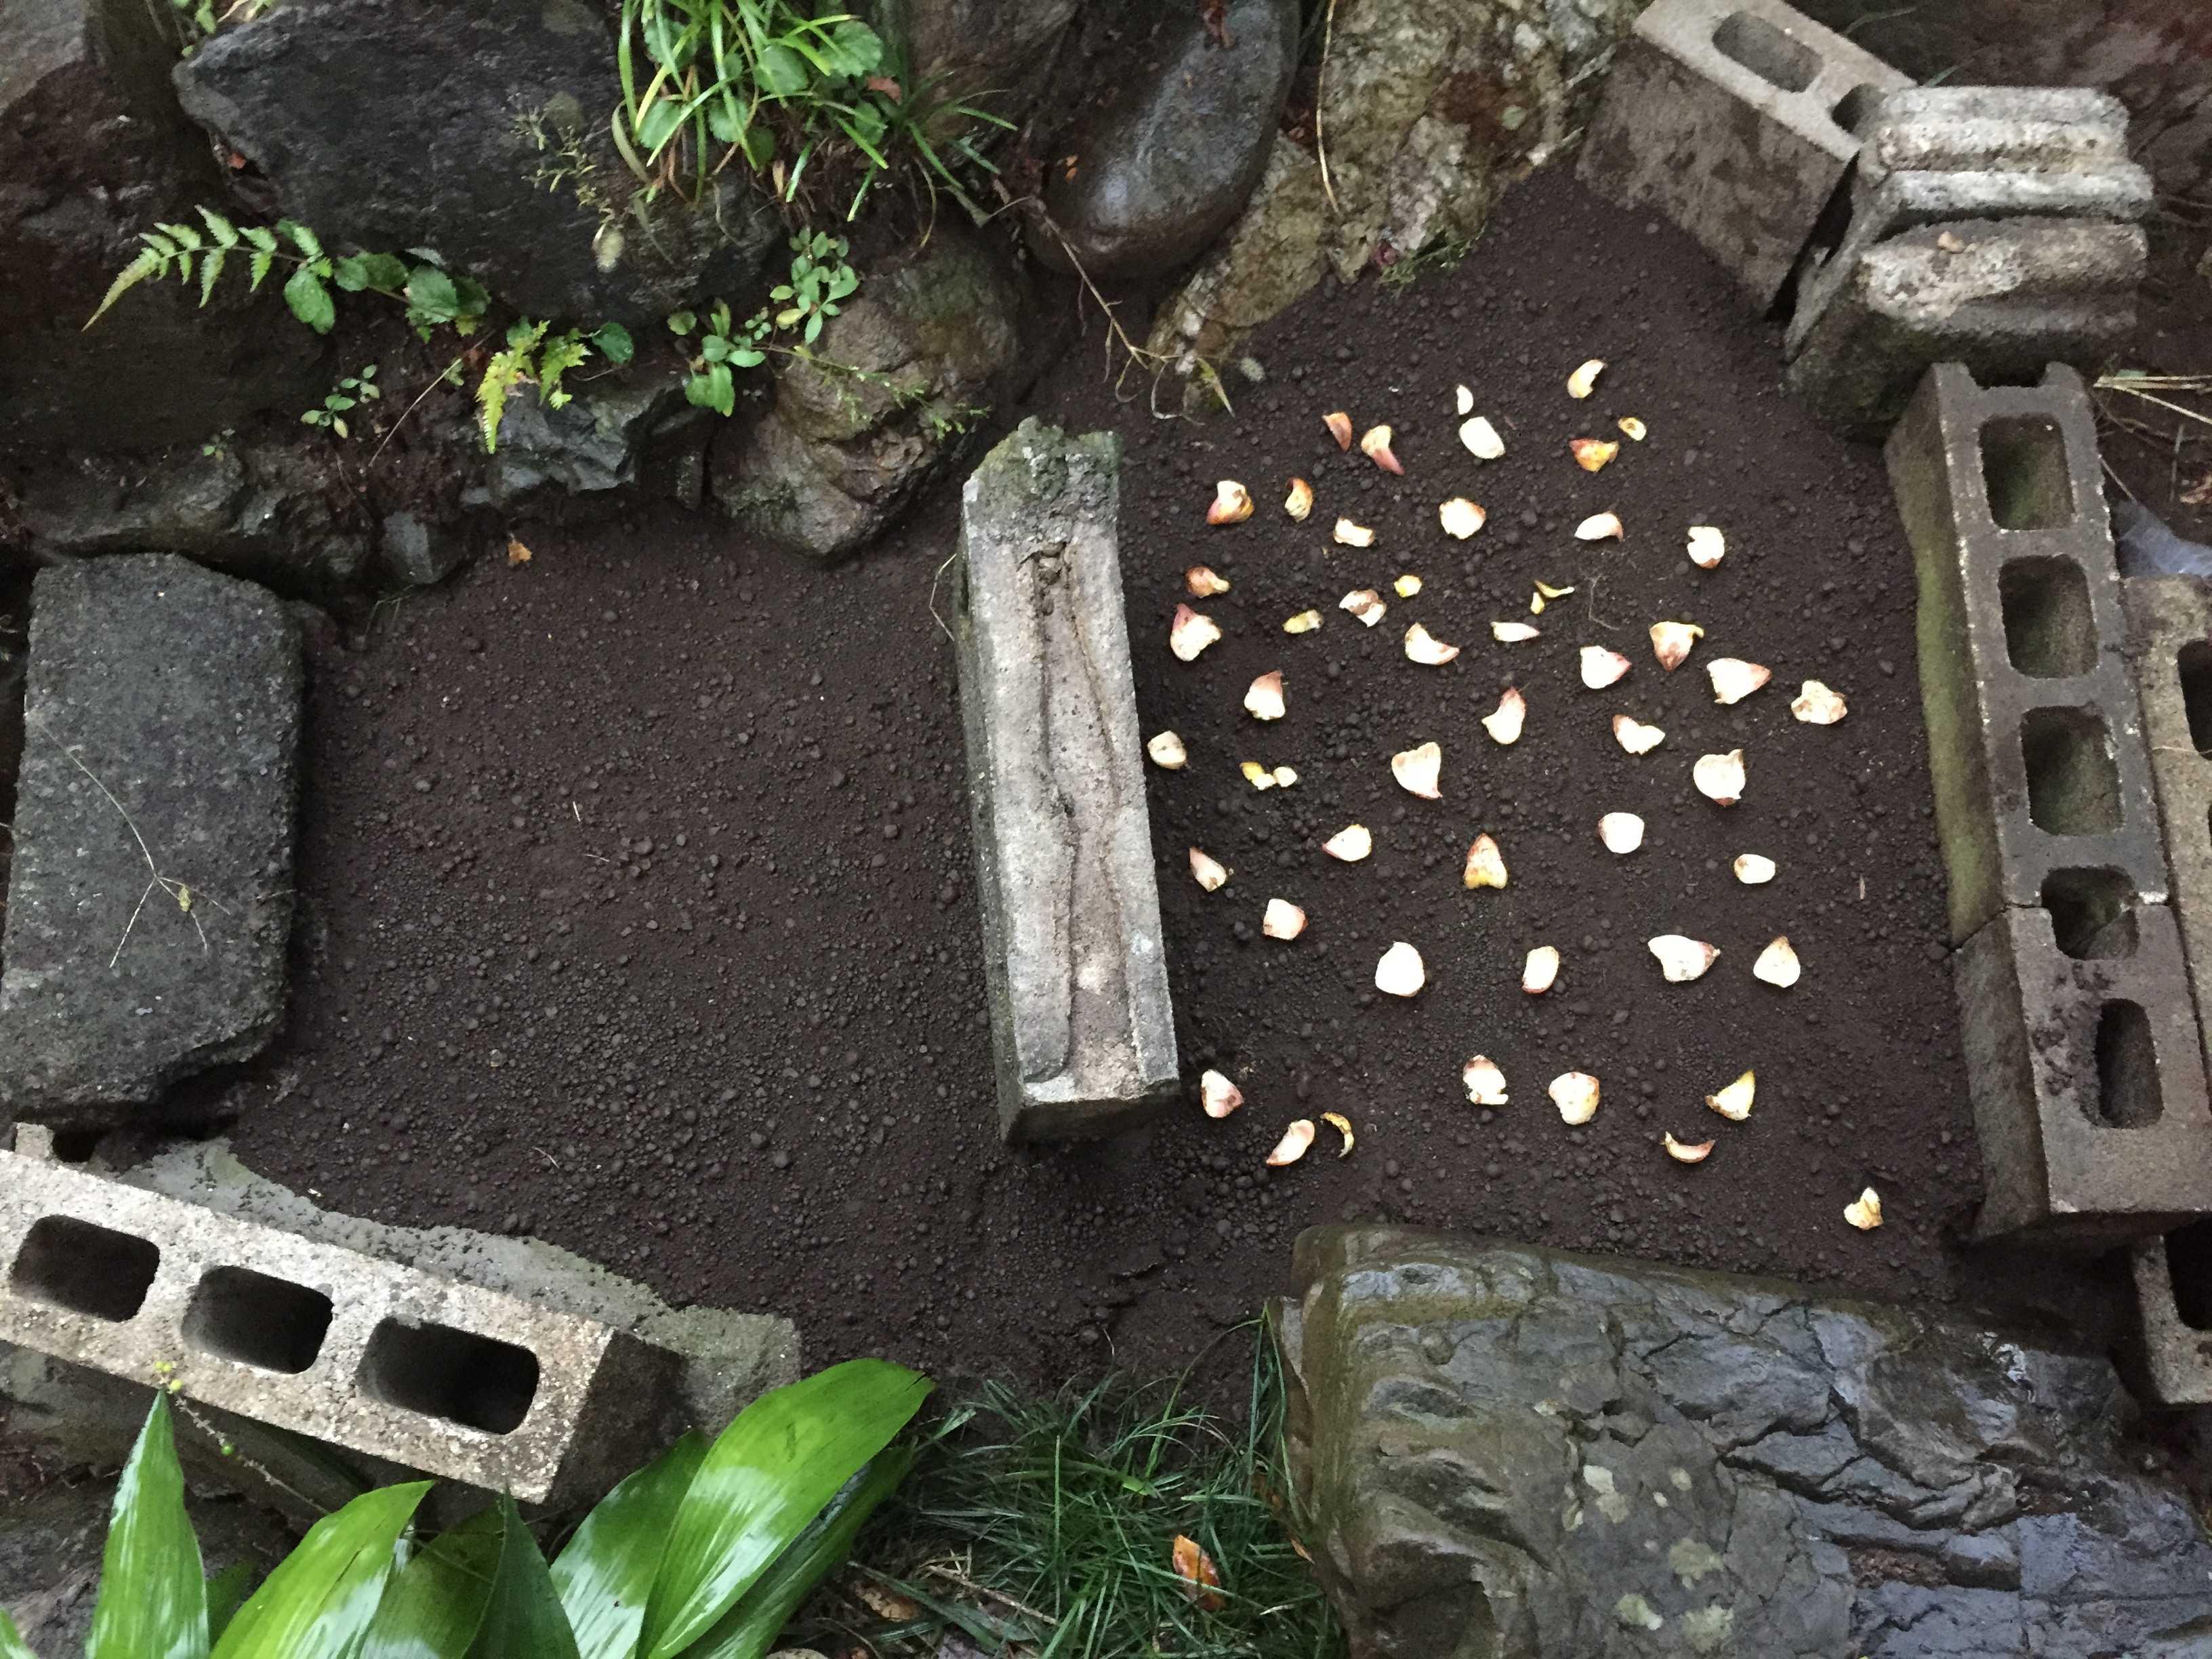 ヤマユリの鱗片定植 - 鱗片のばらまき完了